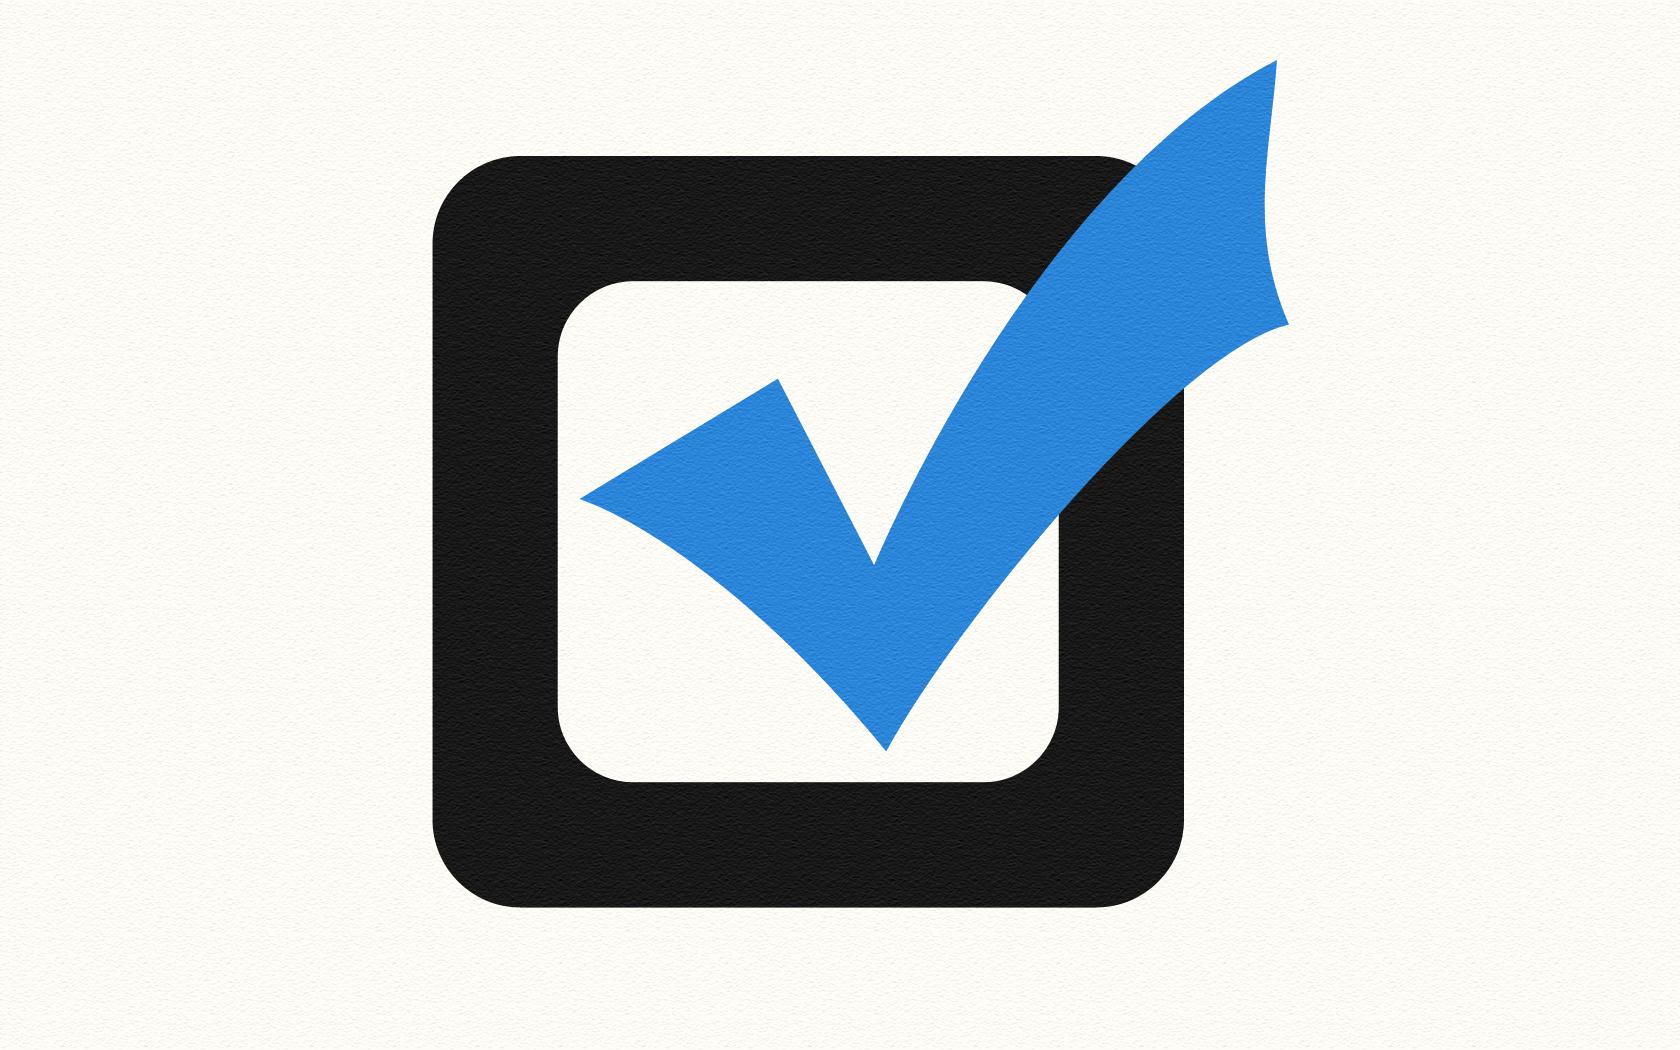 Check mark clip art. Checkmark clipart vote